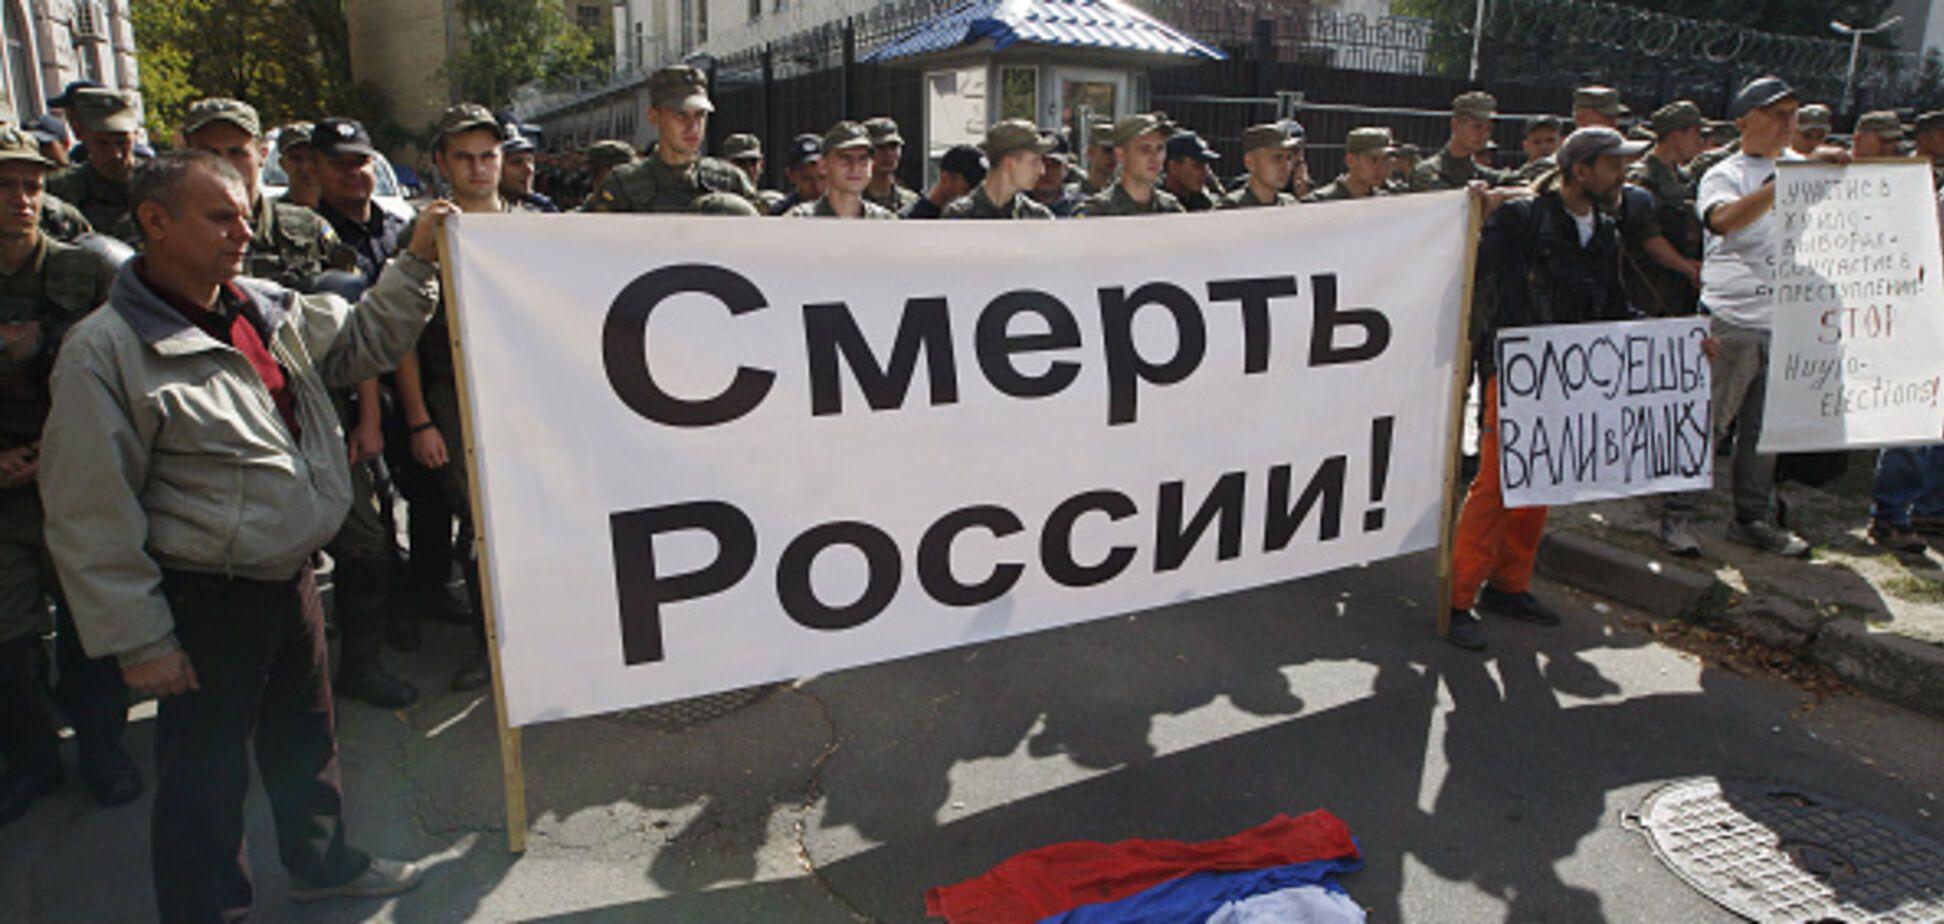 Поліції Німеччини раптово довелося захищати росіян на міжнародному форумі